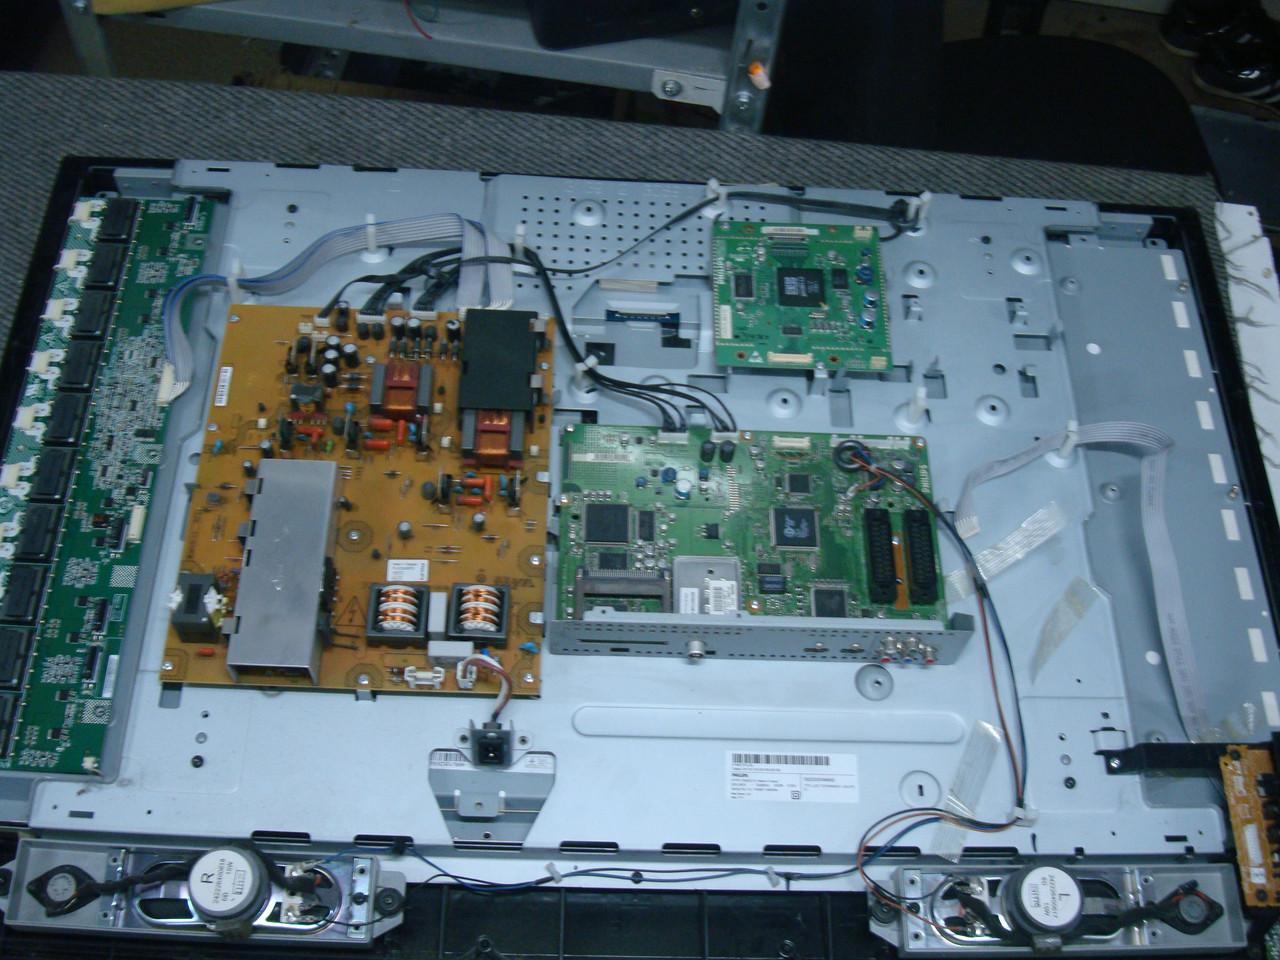 Запчастини до телевізора Philips 37PFL7662D (3139 123 62613 WK713.5, PLCD300P3 24573, WK745 SBG01)